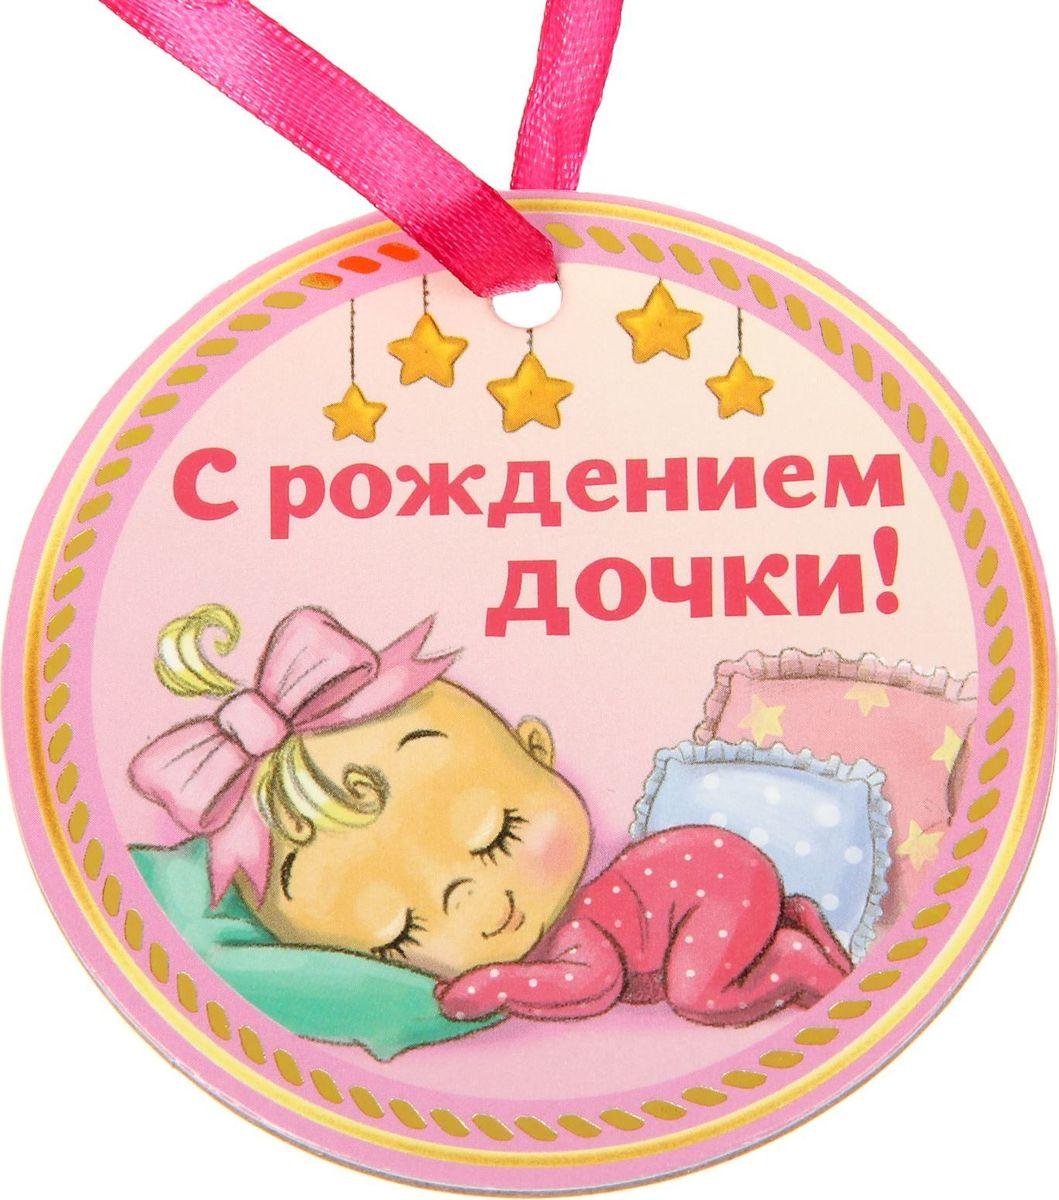 Картинки в честь рождения дочери, картинки